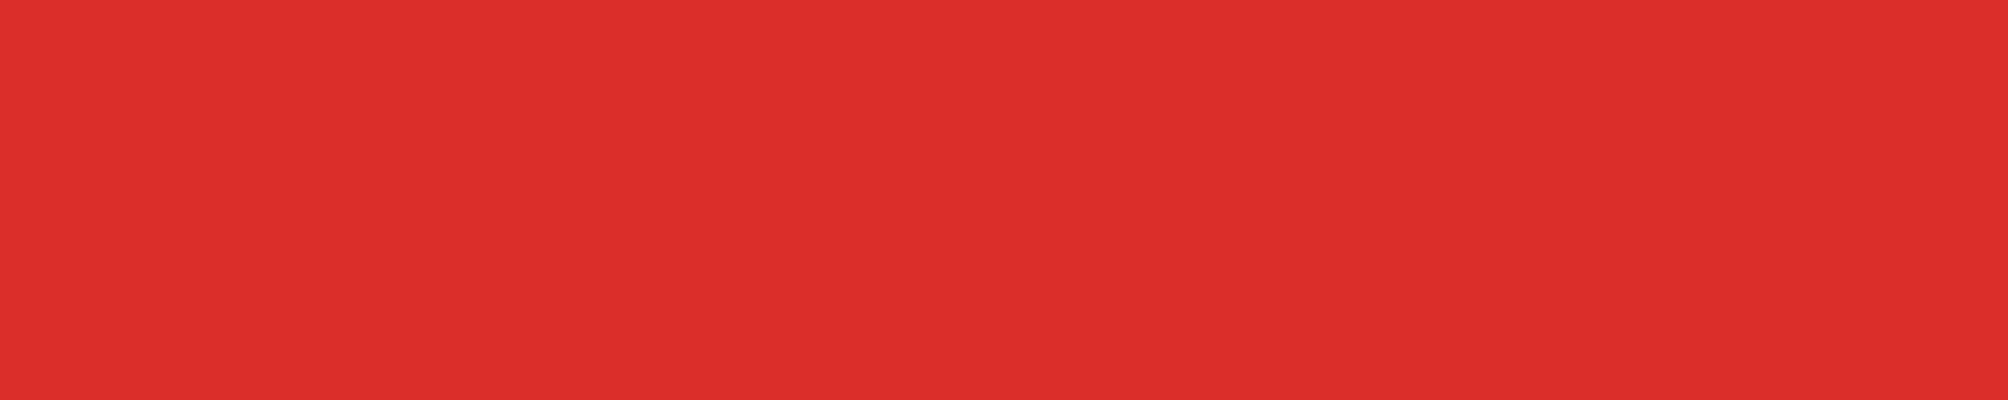 """<span style=""""color: #fff"""">aanbiedingen<br>koken en tafelen</span> - Herobanner - HEMA"""